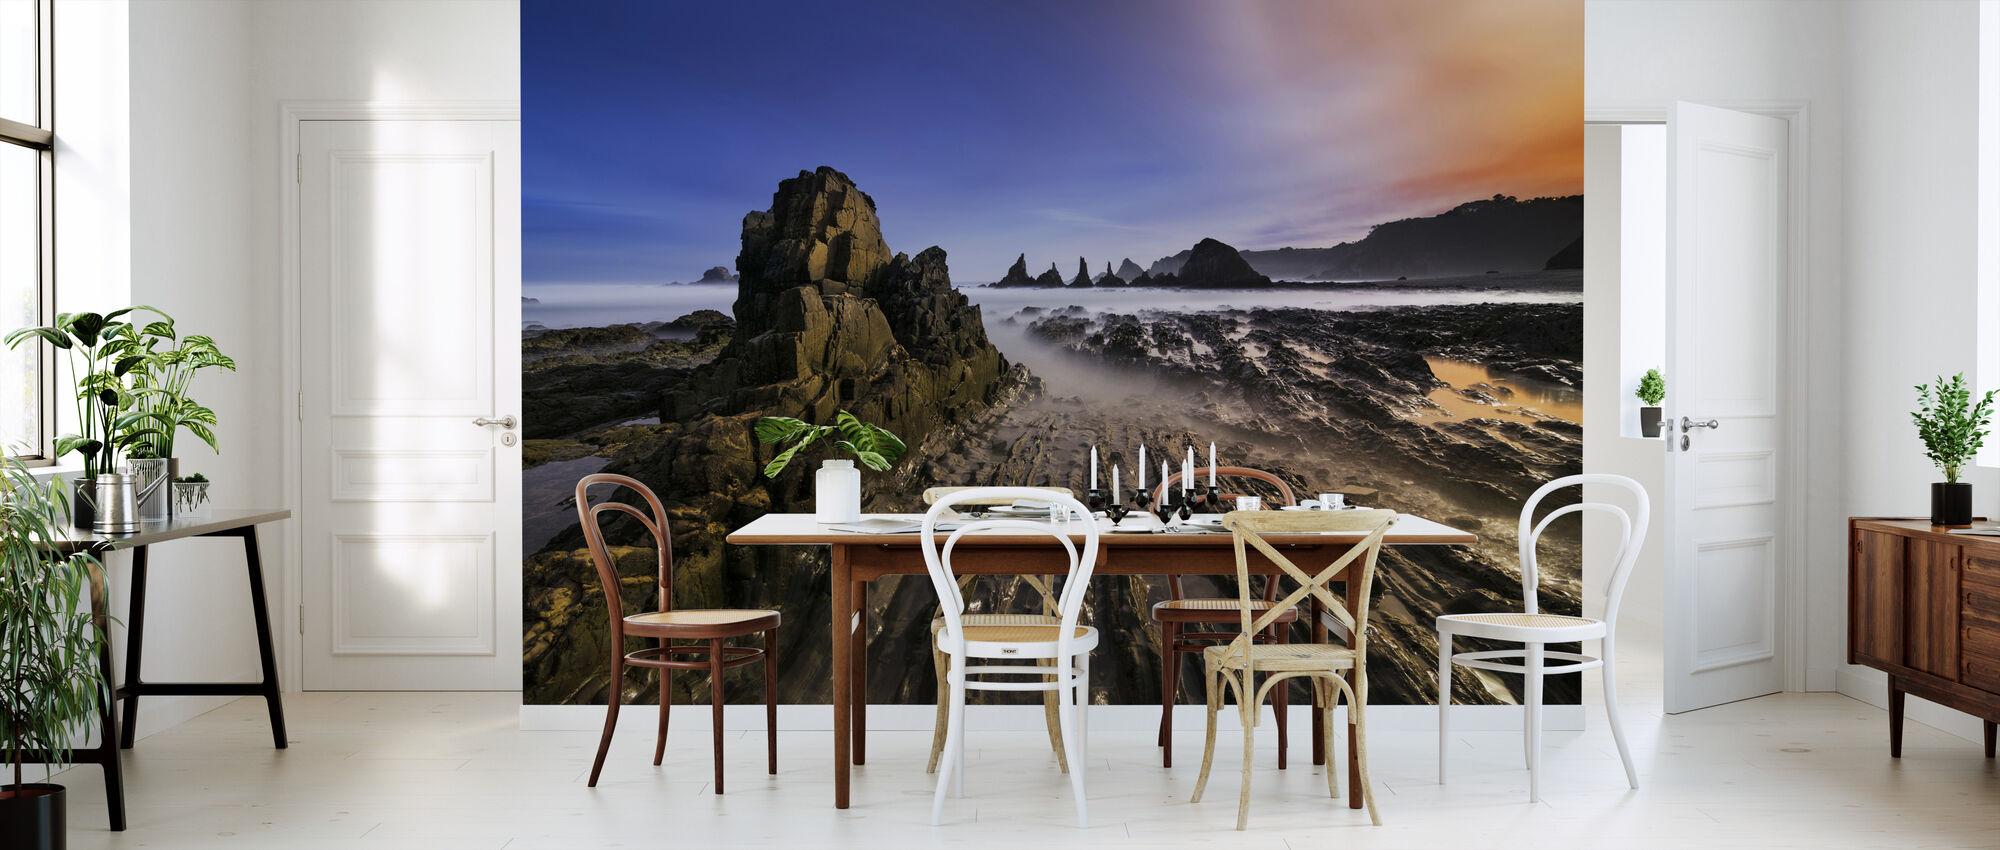 Cliffs - Wallpaper - Kitchen